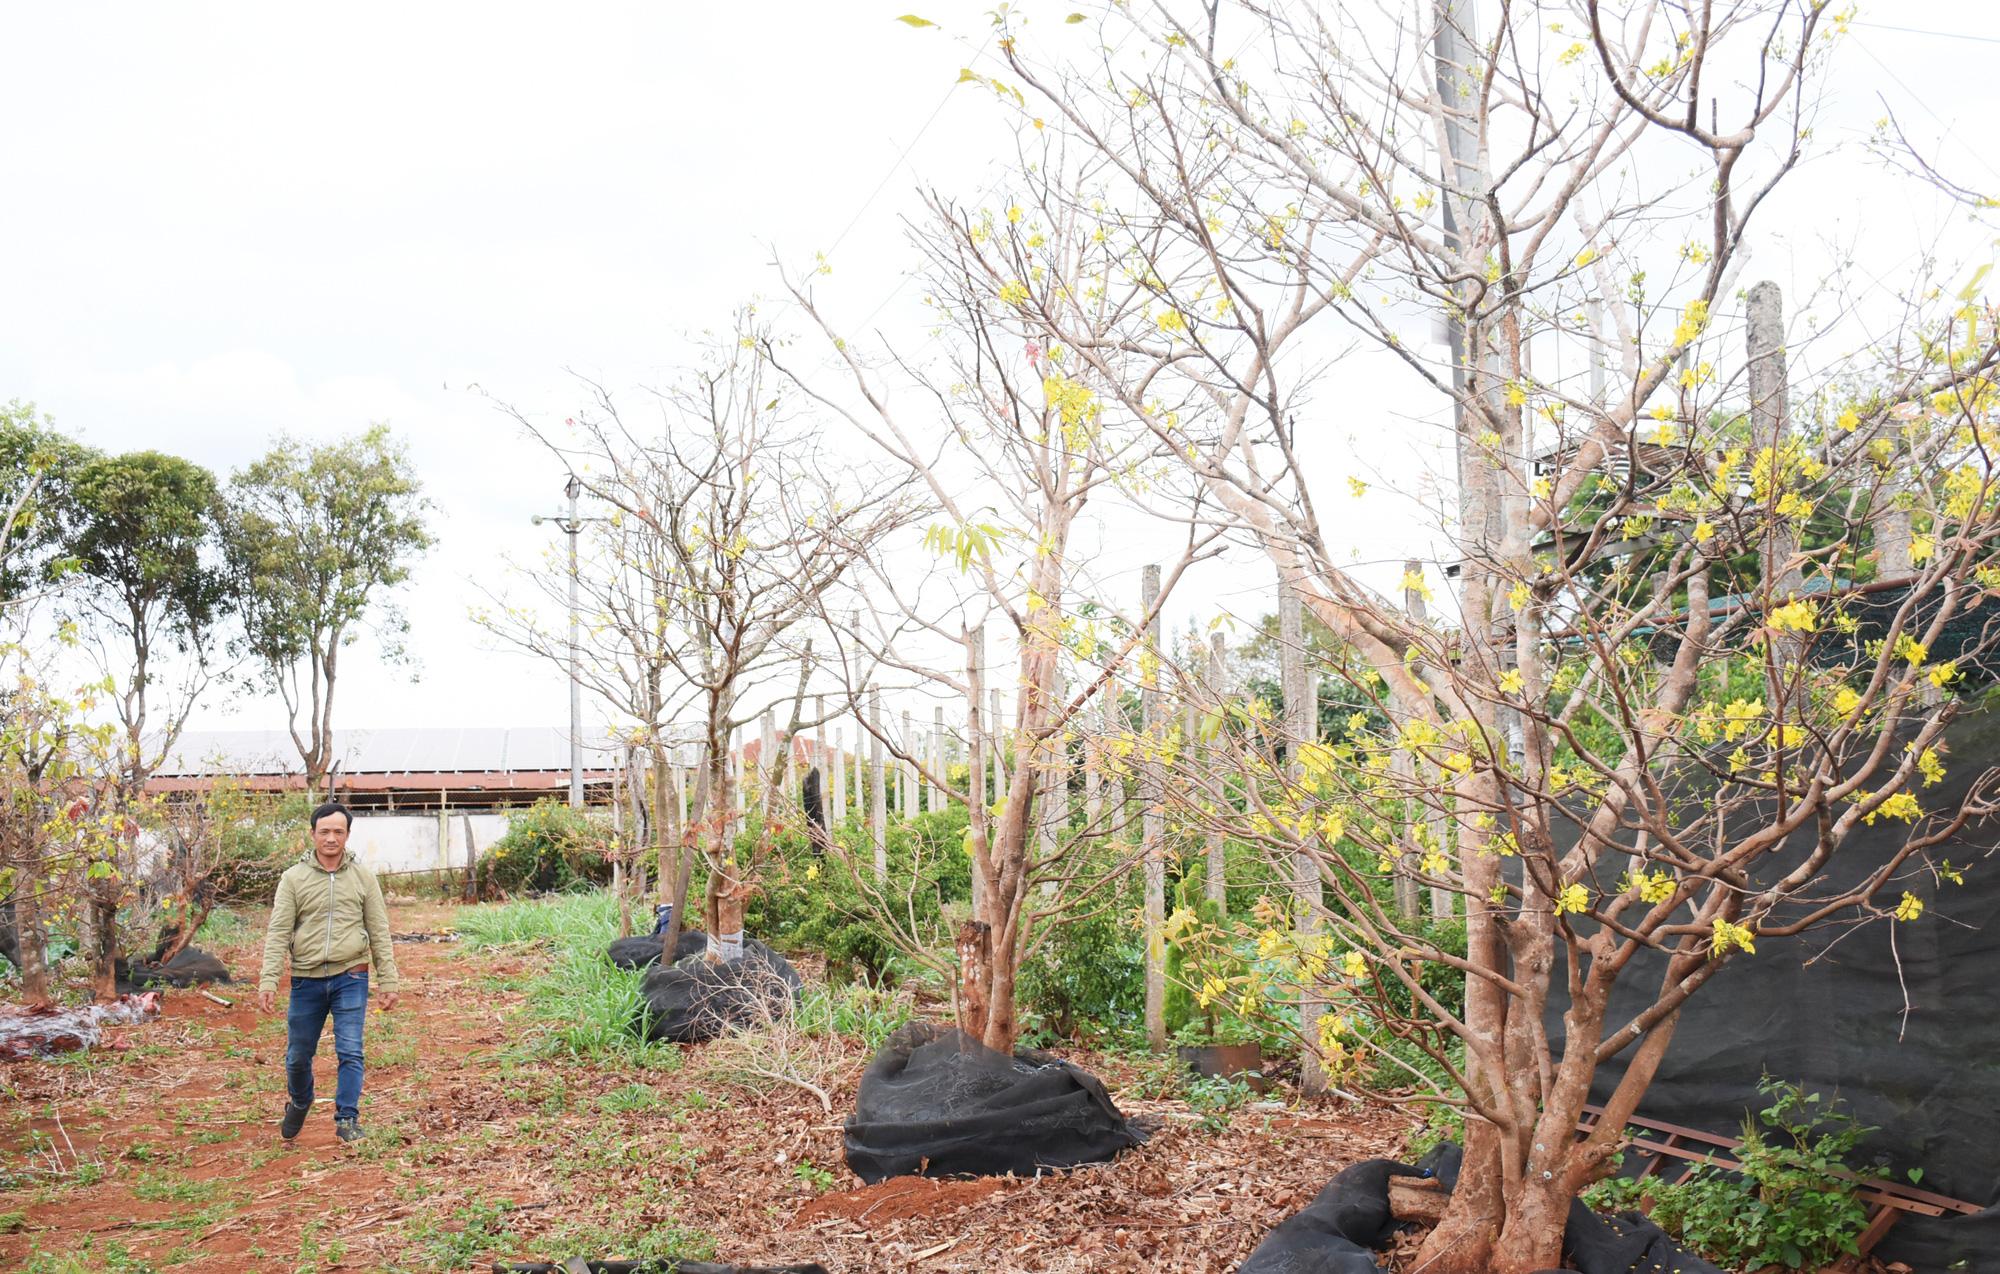 Đáng ngại: Đào 1 cây mai rừng khủng bán 45 triệu, nhoáng cái đã có người mua lại giá 85 triệu - Ảnh 1.